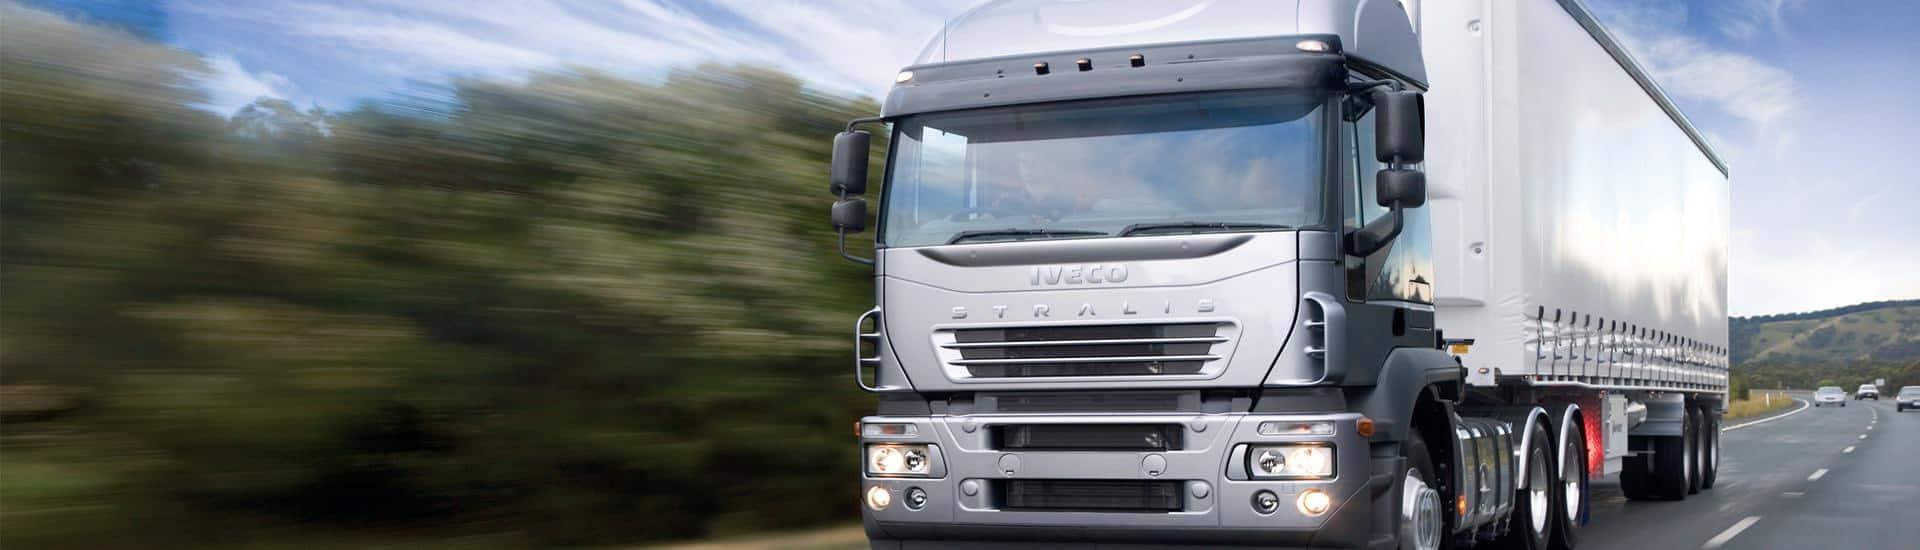 truck-freight